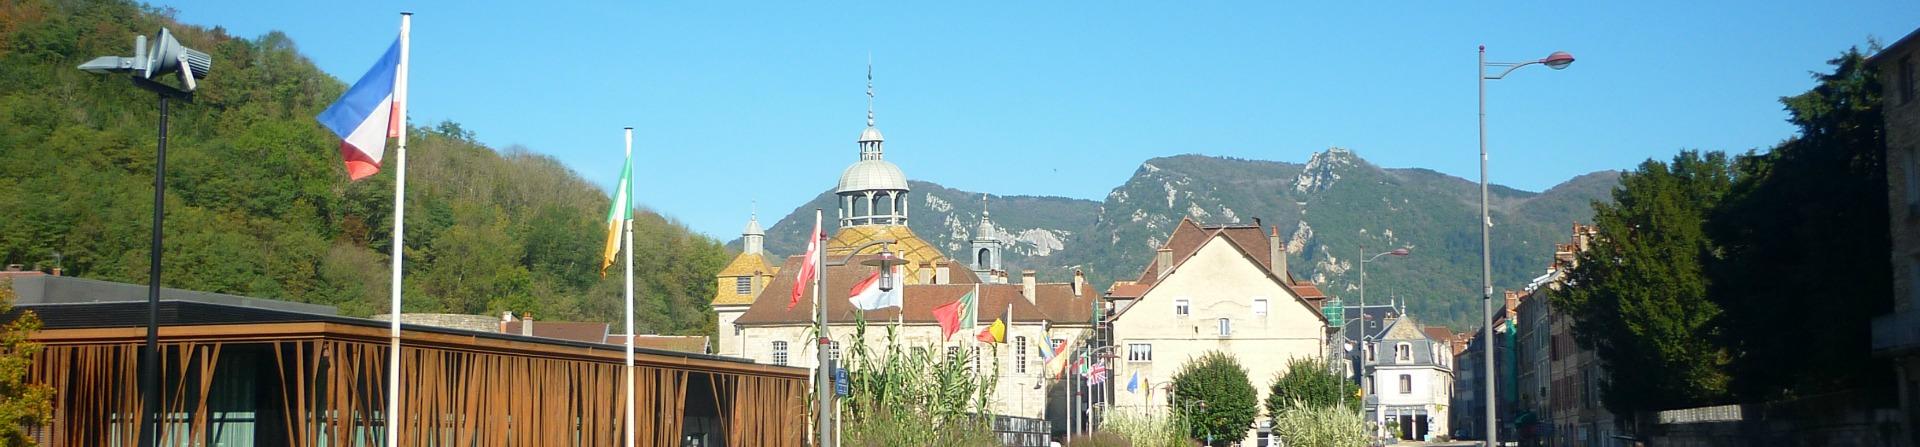 Le casino, le dome et les monts Salins les Bains dans le Jura